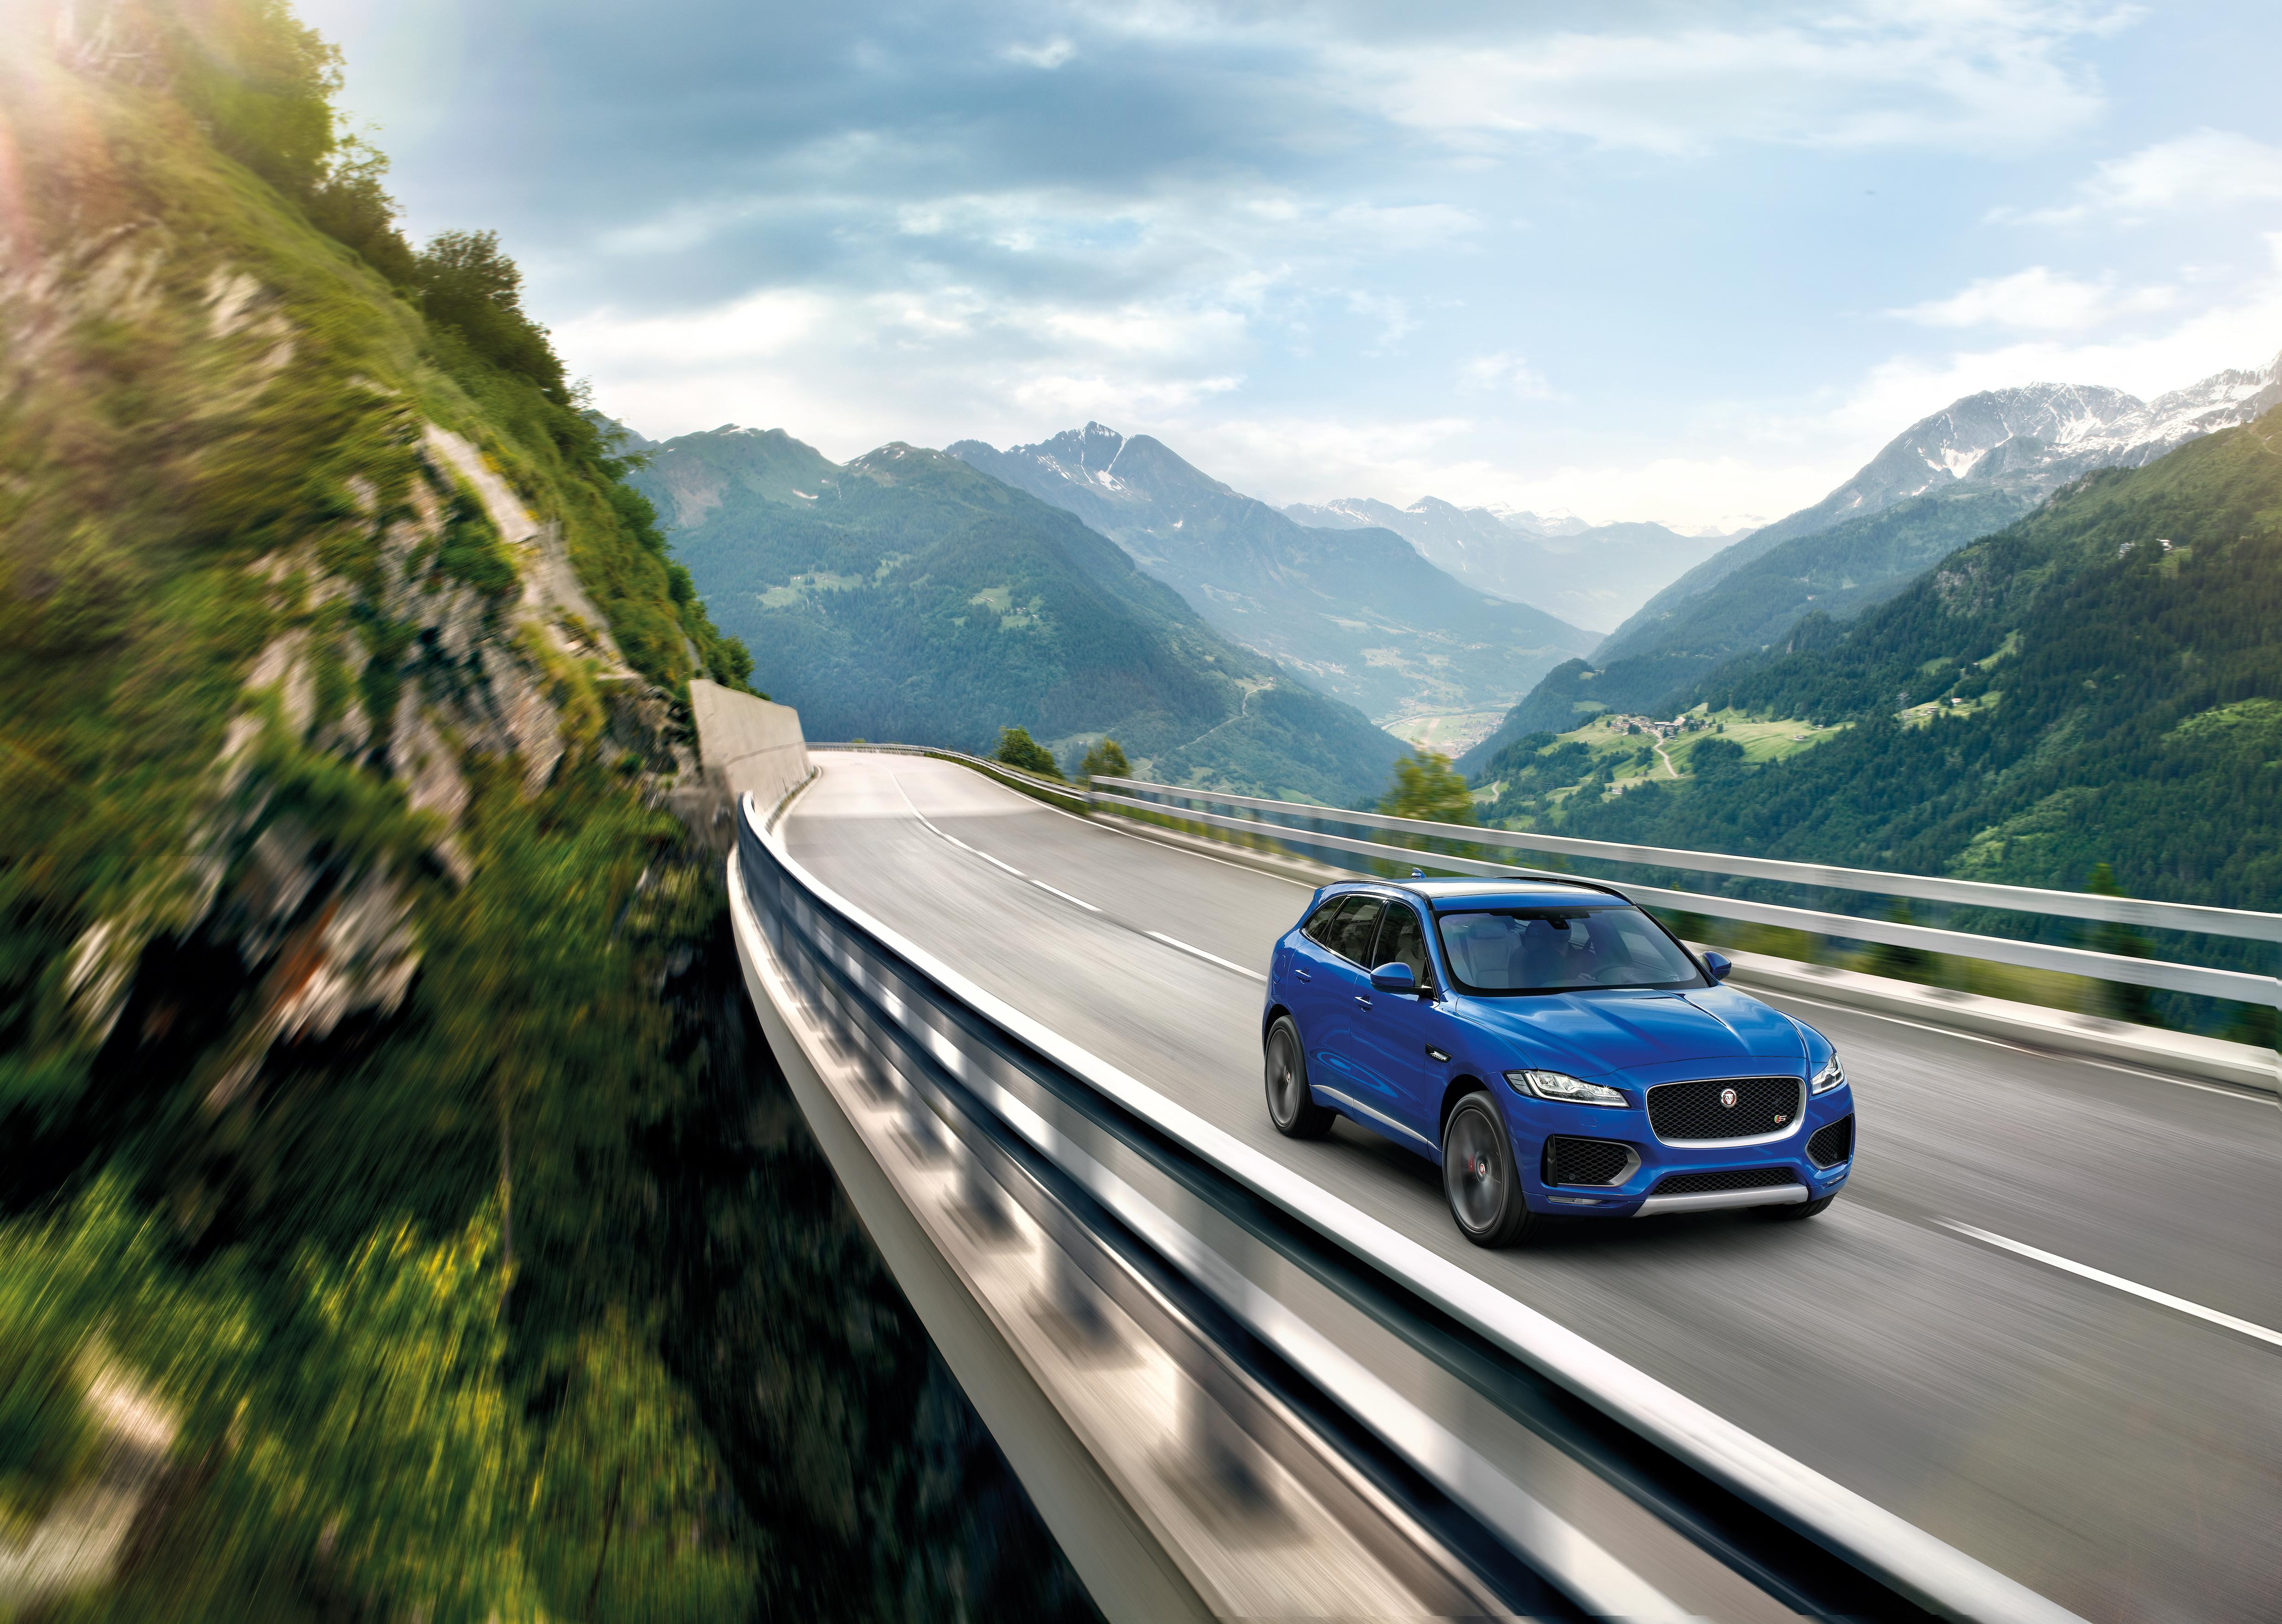 156273 скачать обои Тачки (Cars), Jaguar F-Pace, Ягуар (Jaguar), Кроссовер, Движение, Мост, Горы - заставки и картинки бесплатно